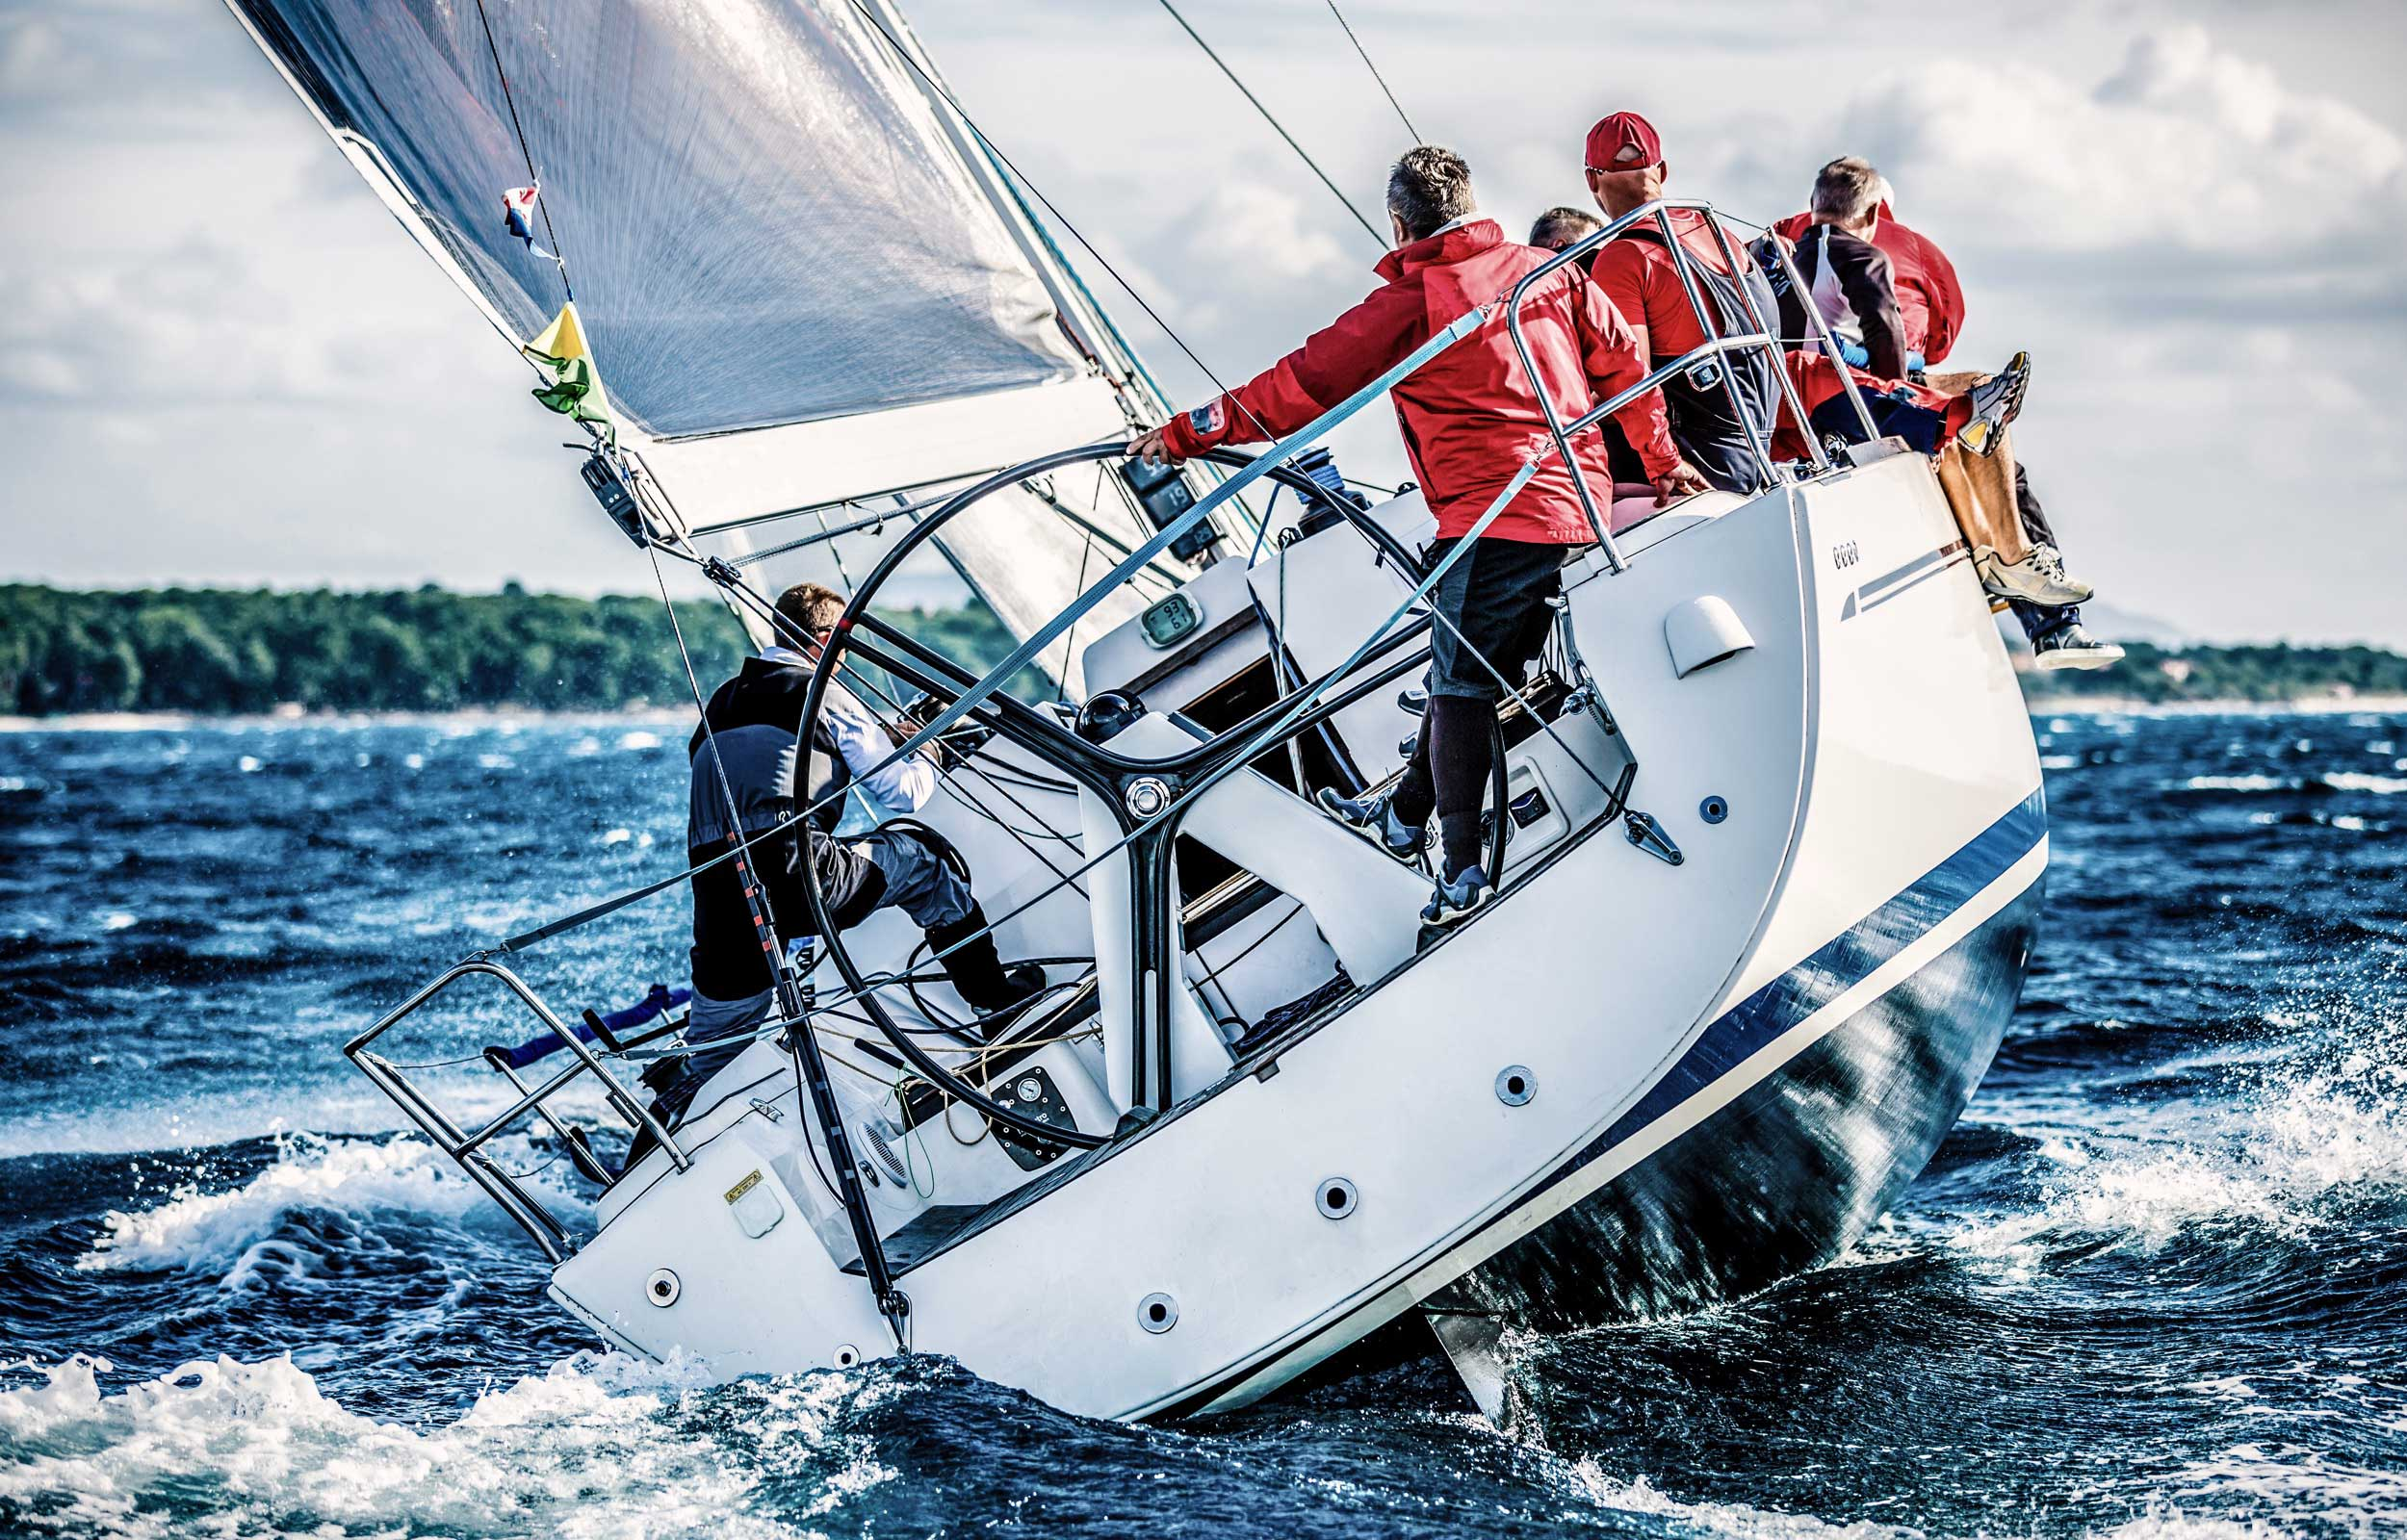 Alpora Global Innovation Fonds Titelbild - Segelschiff in stürmischer See